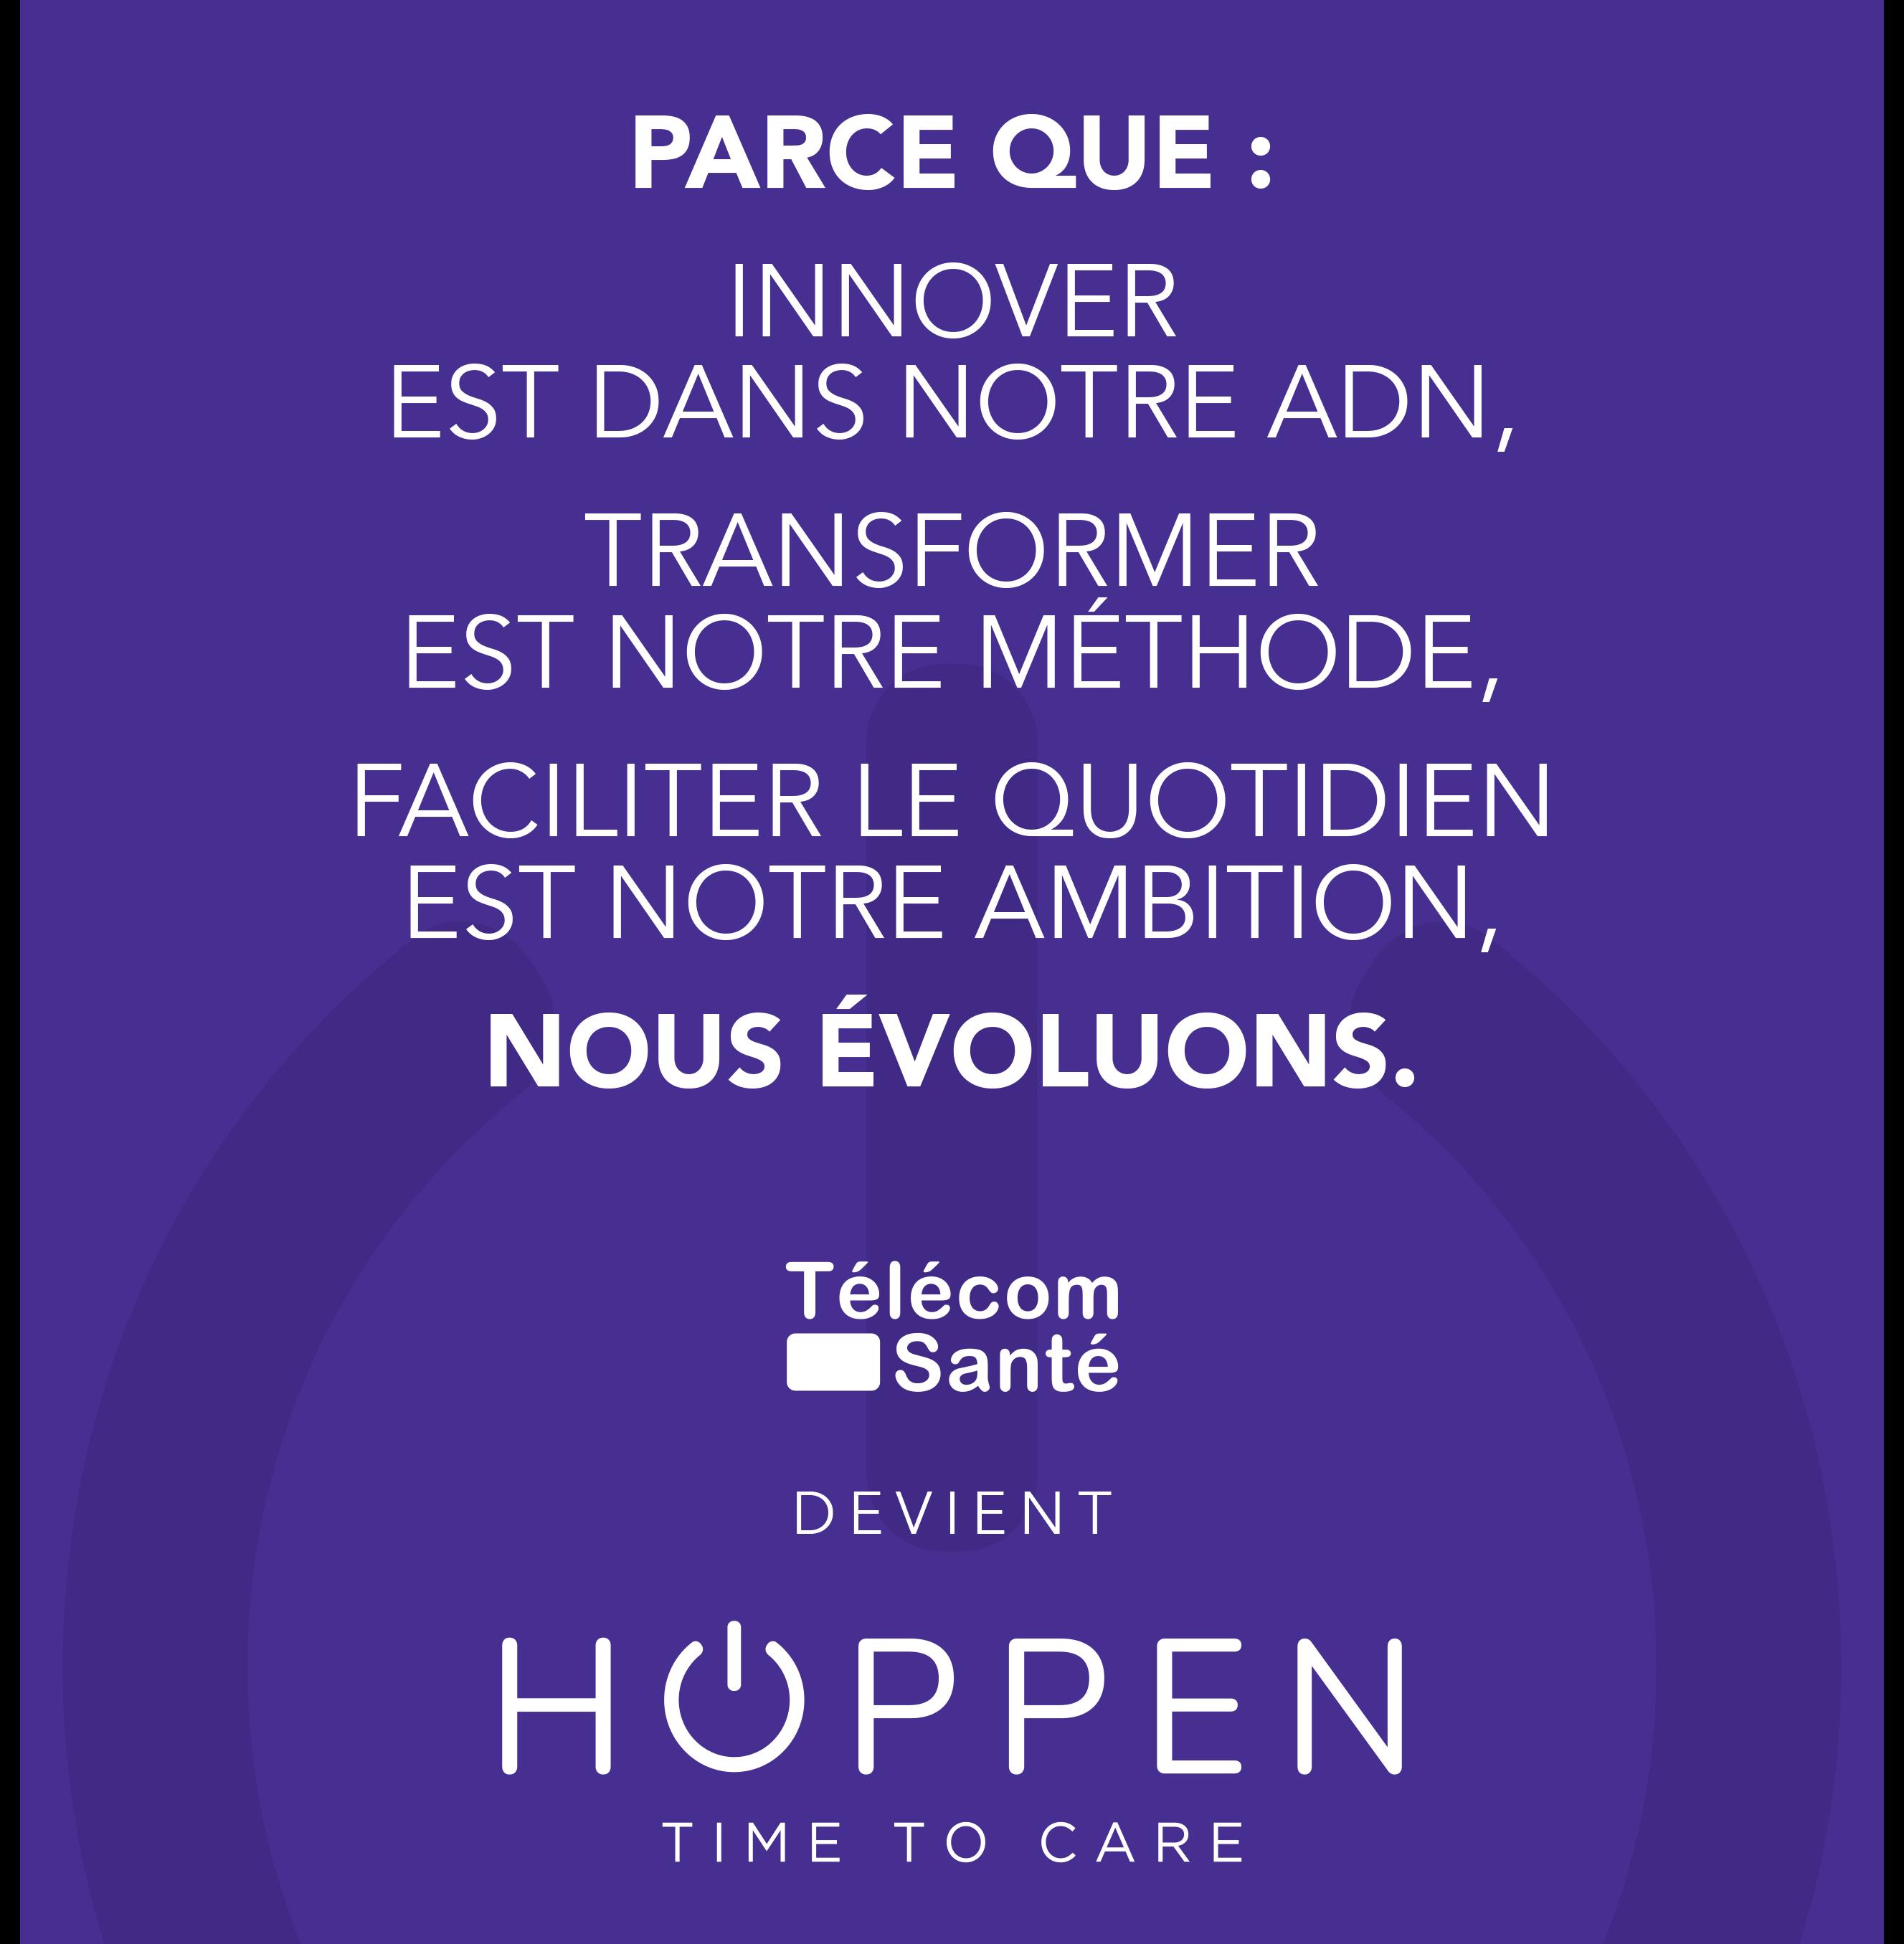 Télécom Santé devient Hoppen – Time to Care !